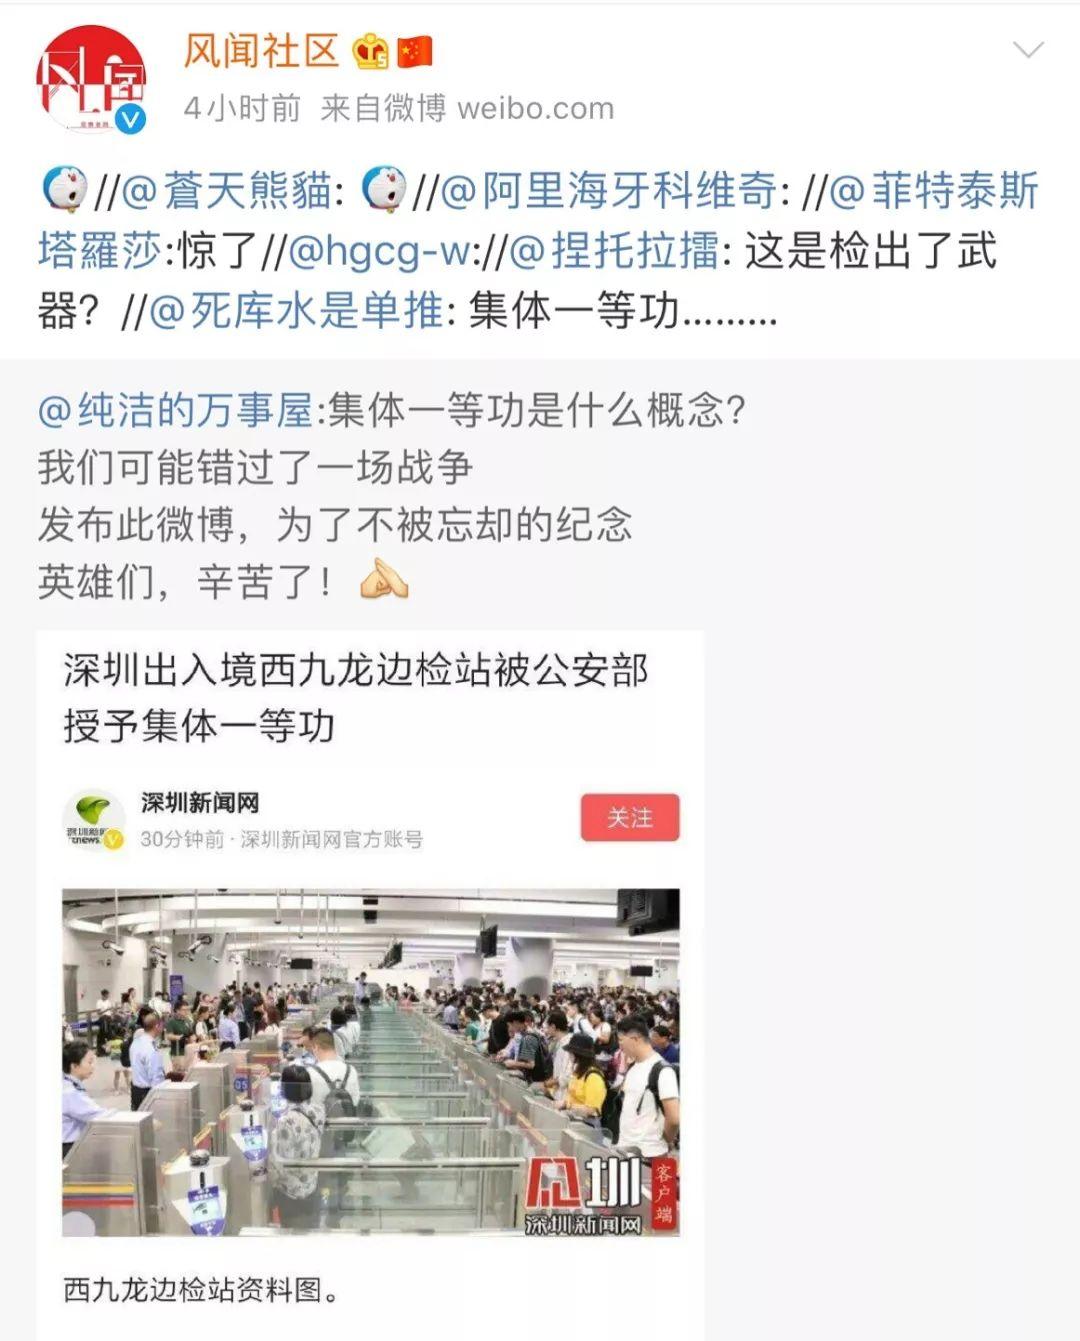 凯发电游.注册即送21,全国前50强城市,中西部地区,为何只有河南省占2个城市?